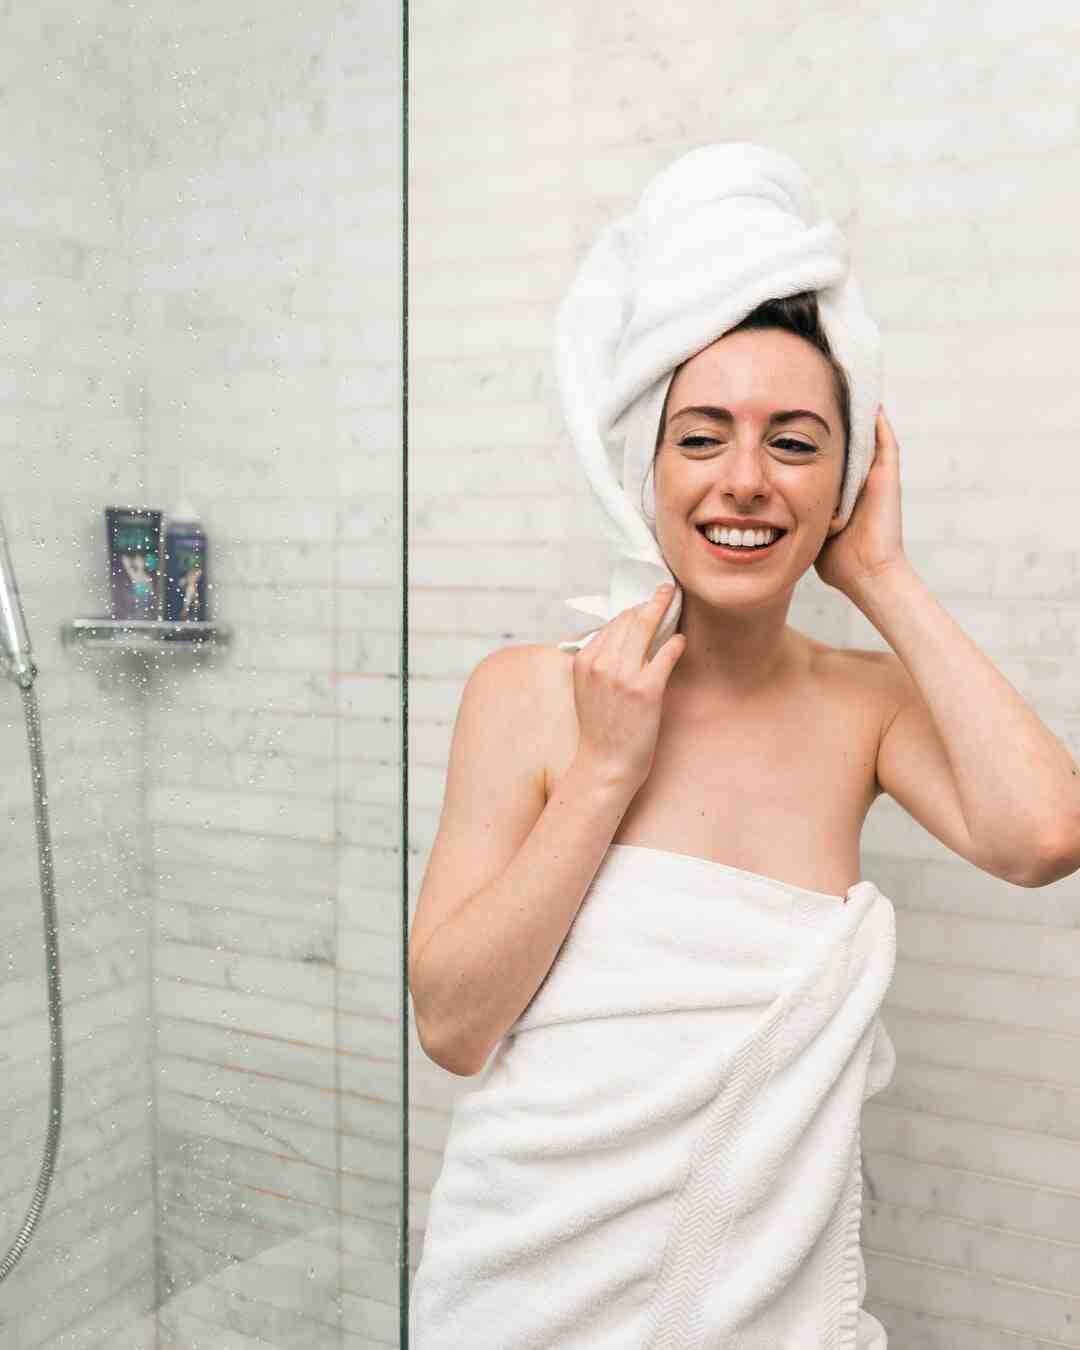 Comment raccorder un bac à douche ?